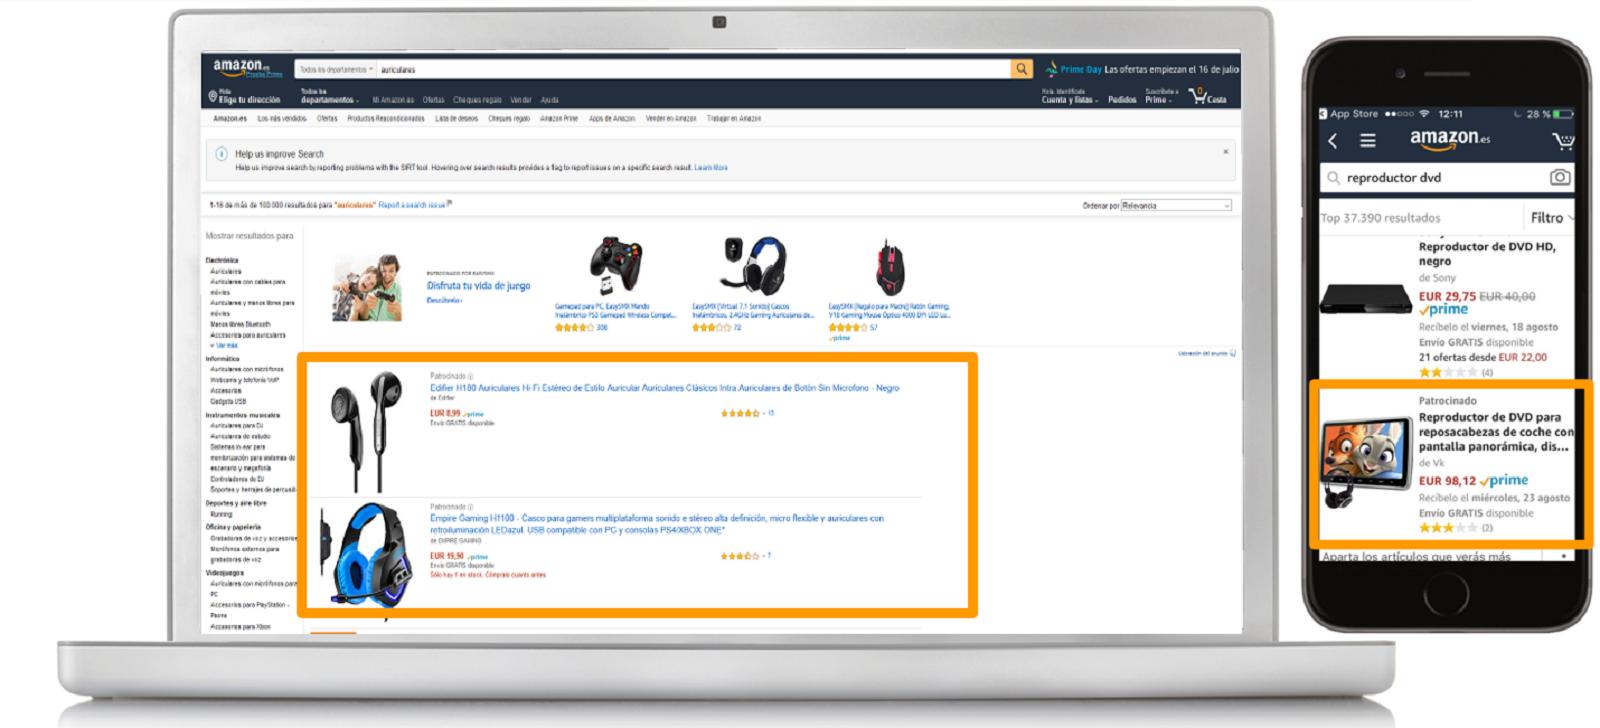 Ejemplos de Sponsored Products en escritorio y móvil